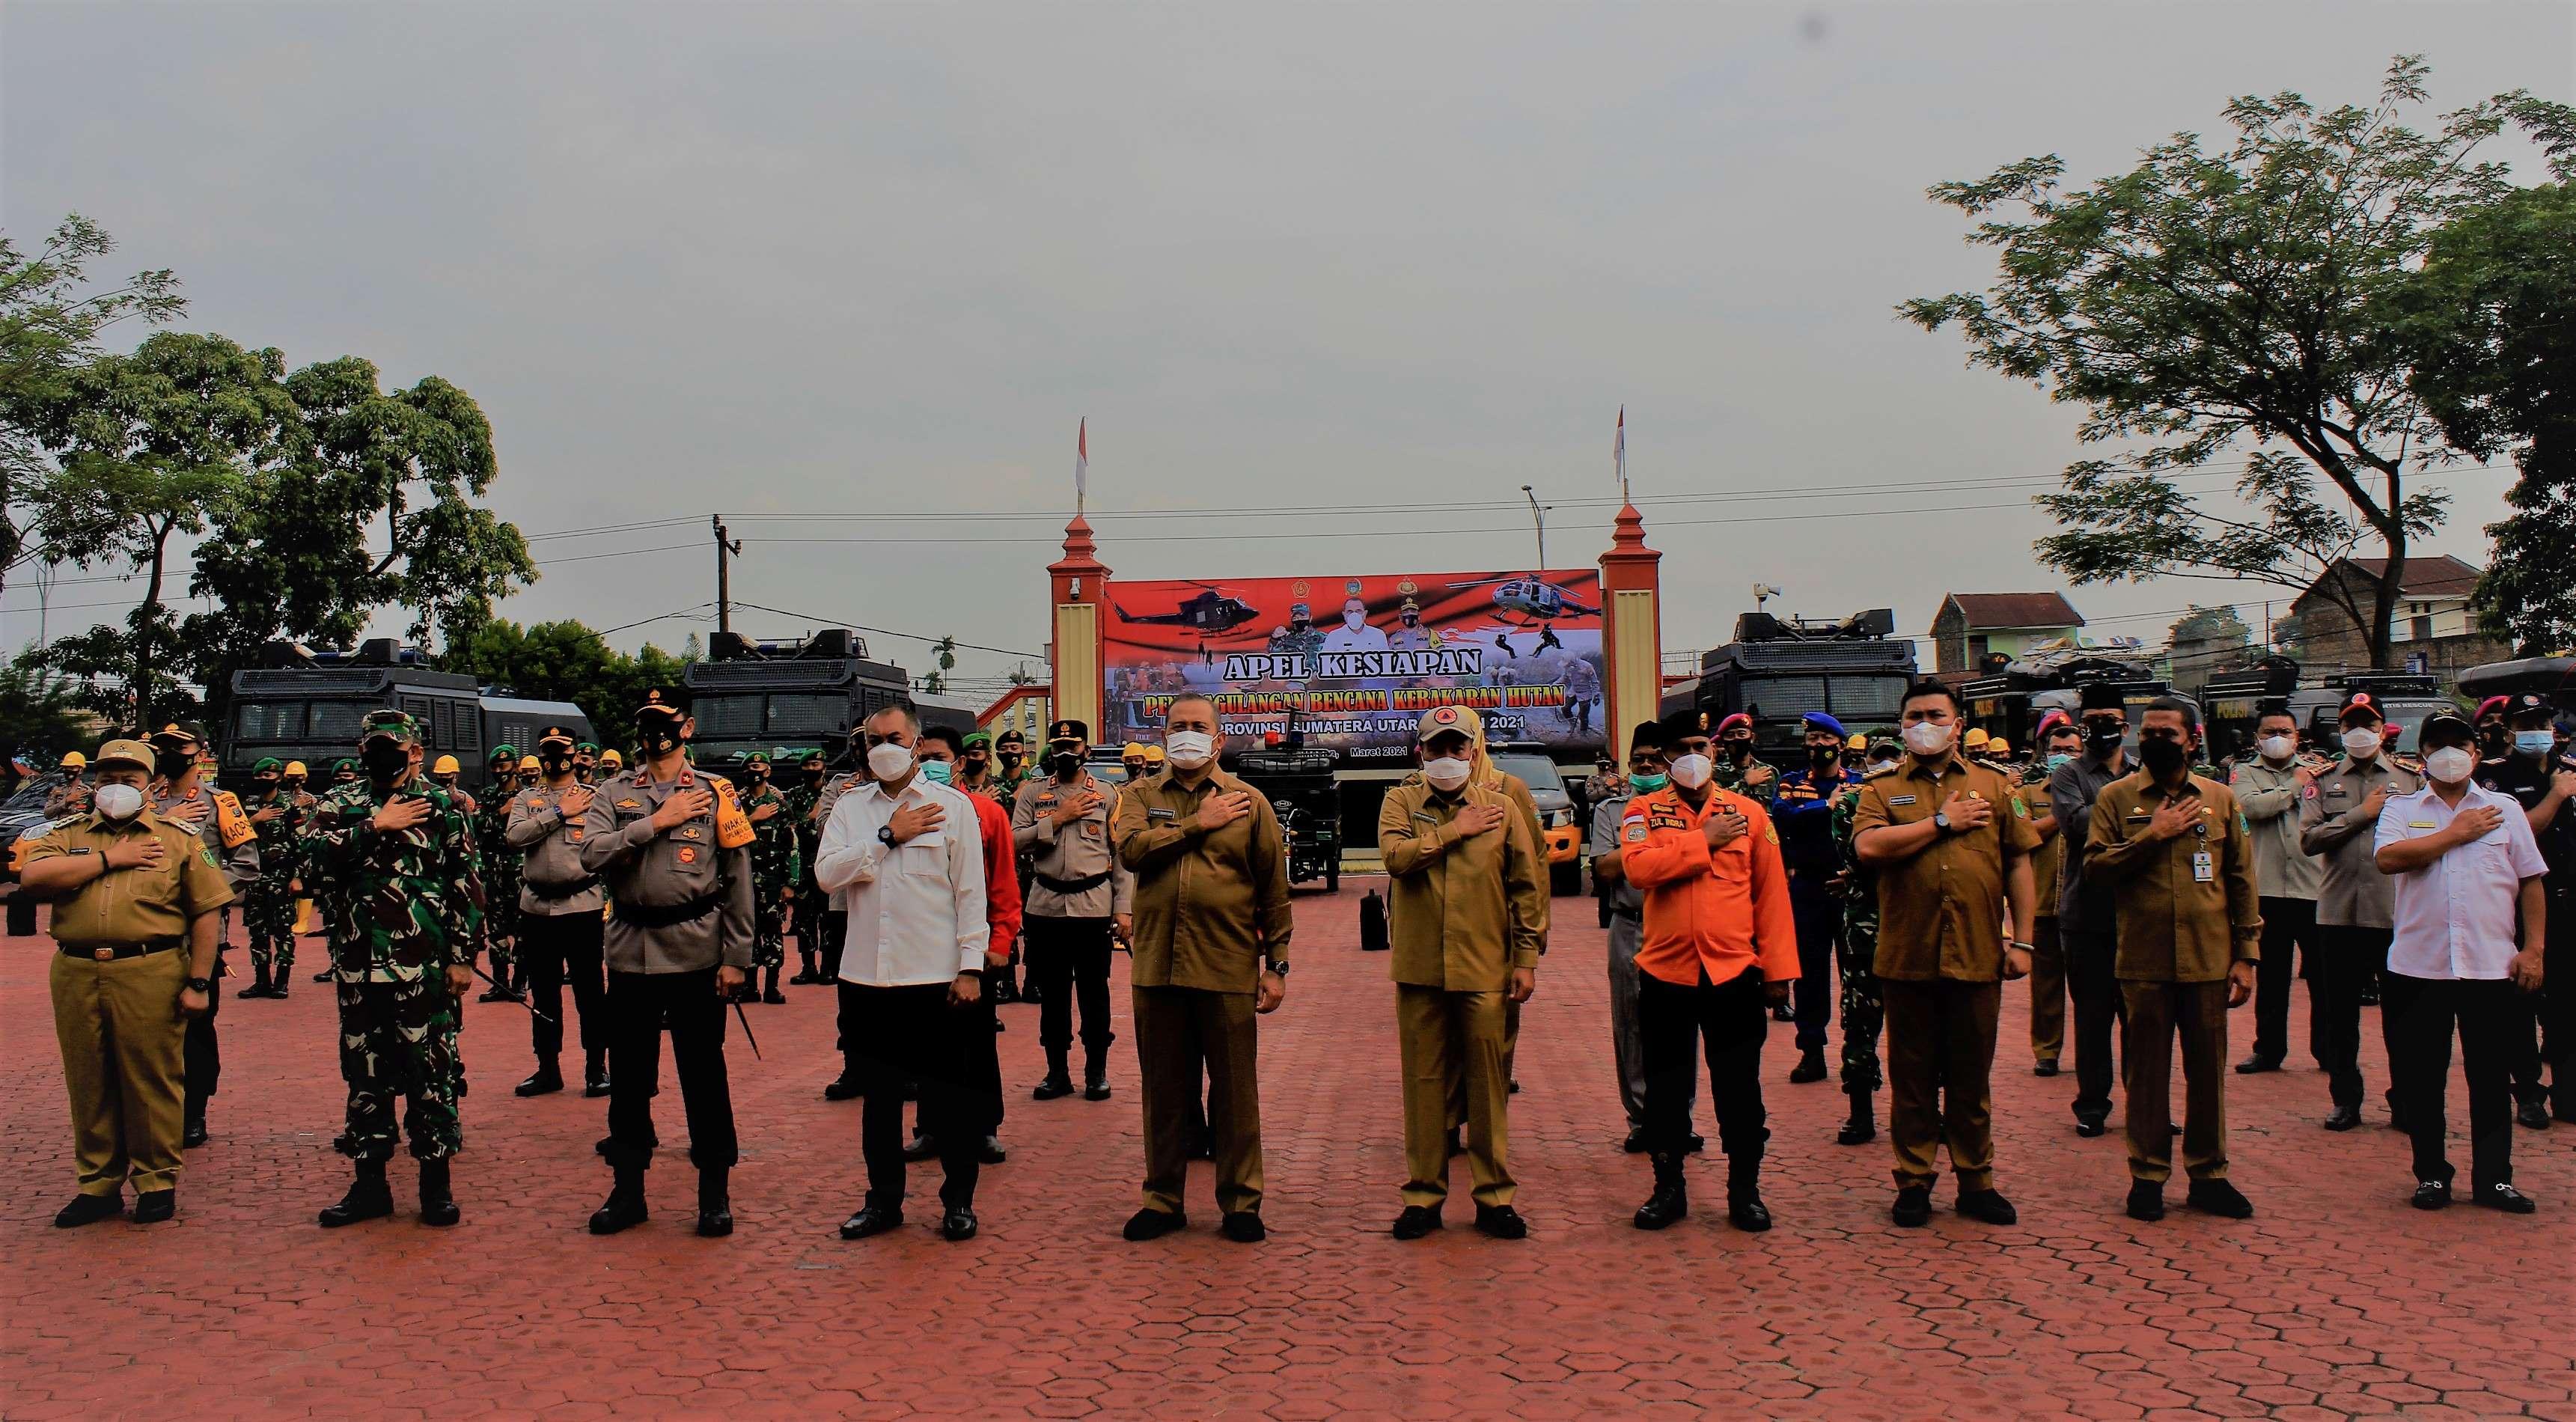 Antisipasi Karhutla, Apel Siaga Digelar di Sumatera Utara